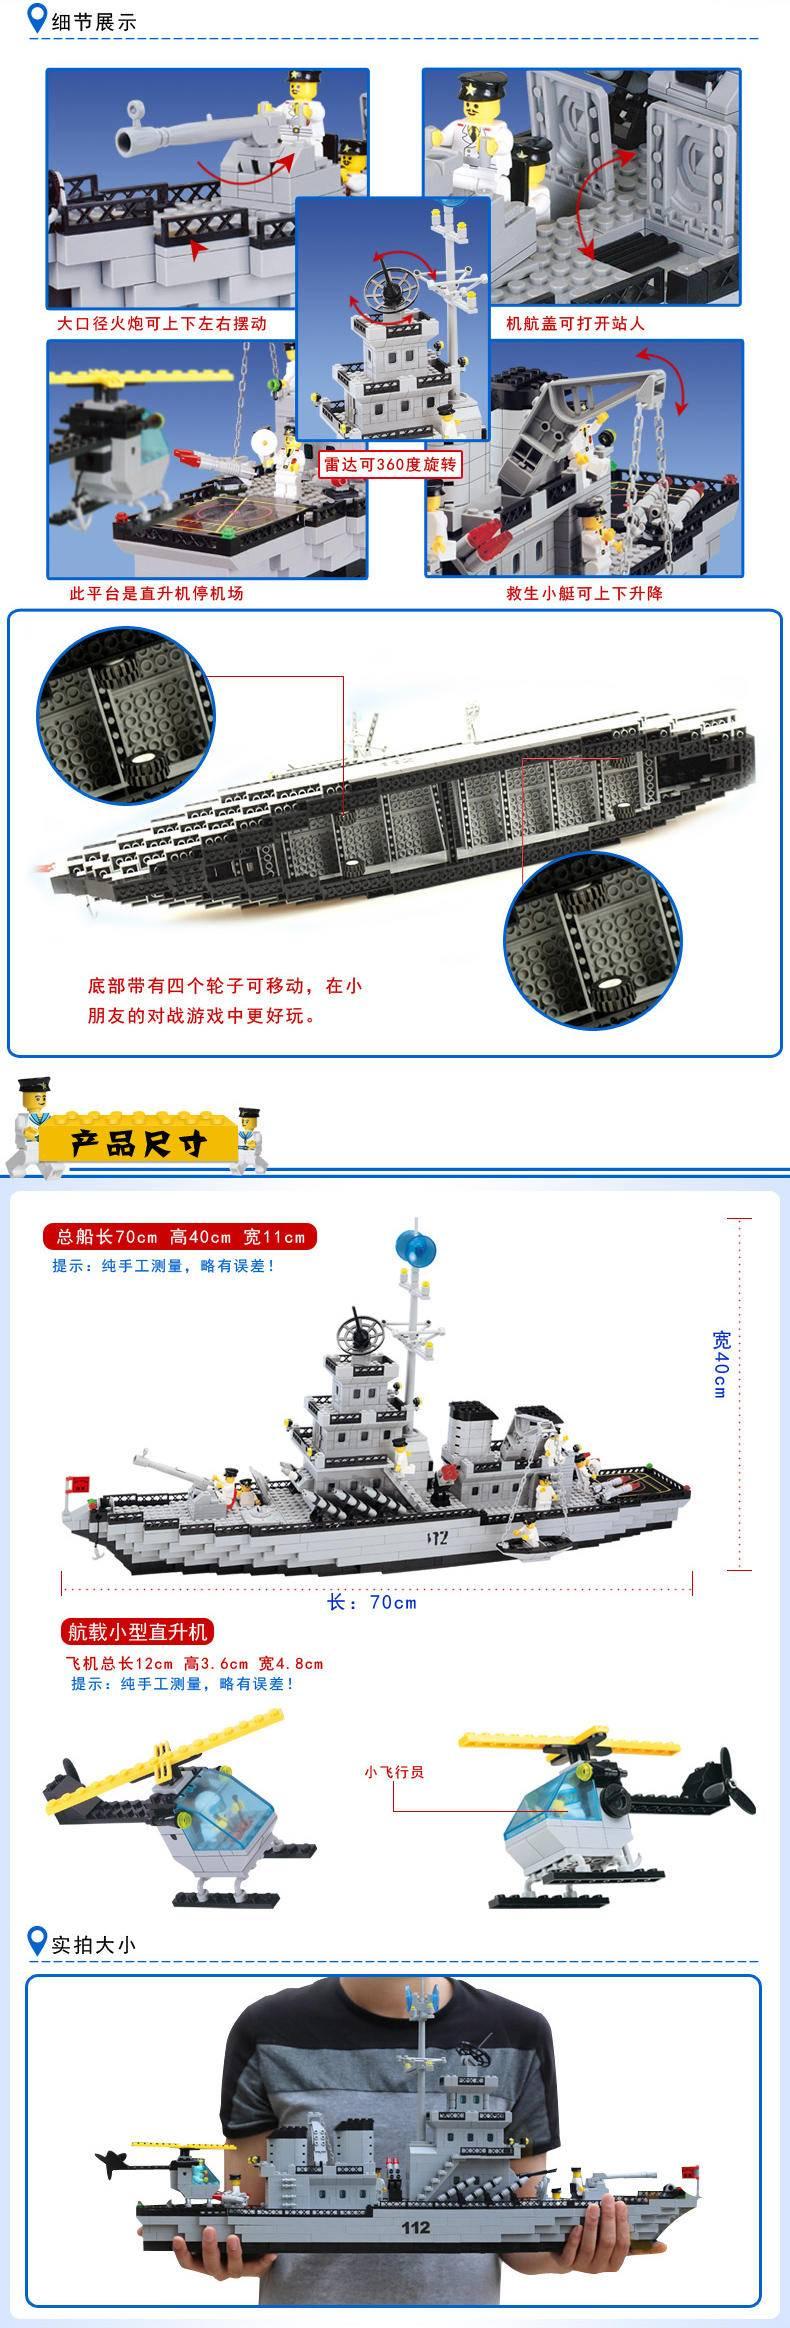 军事:巡洋战舰